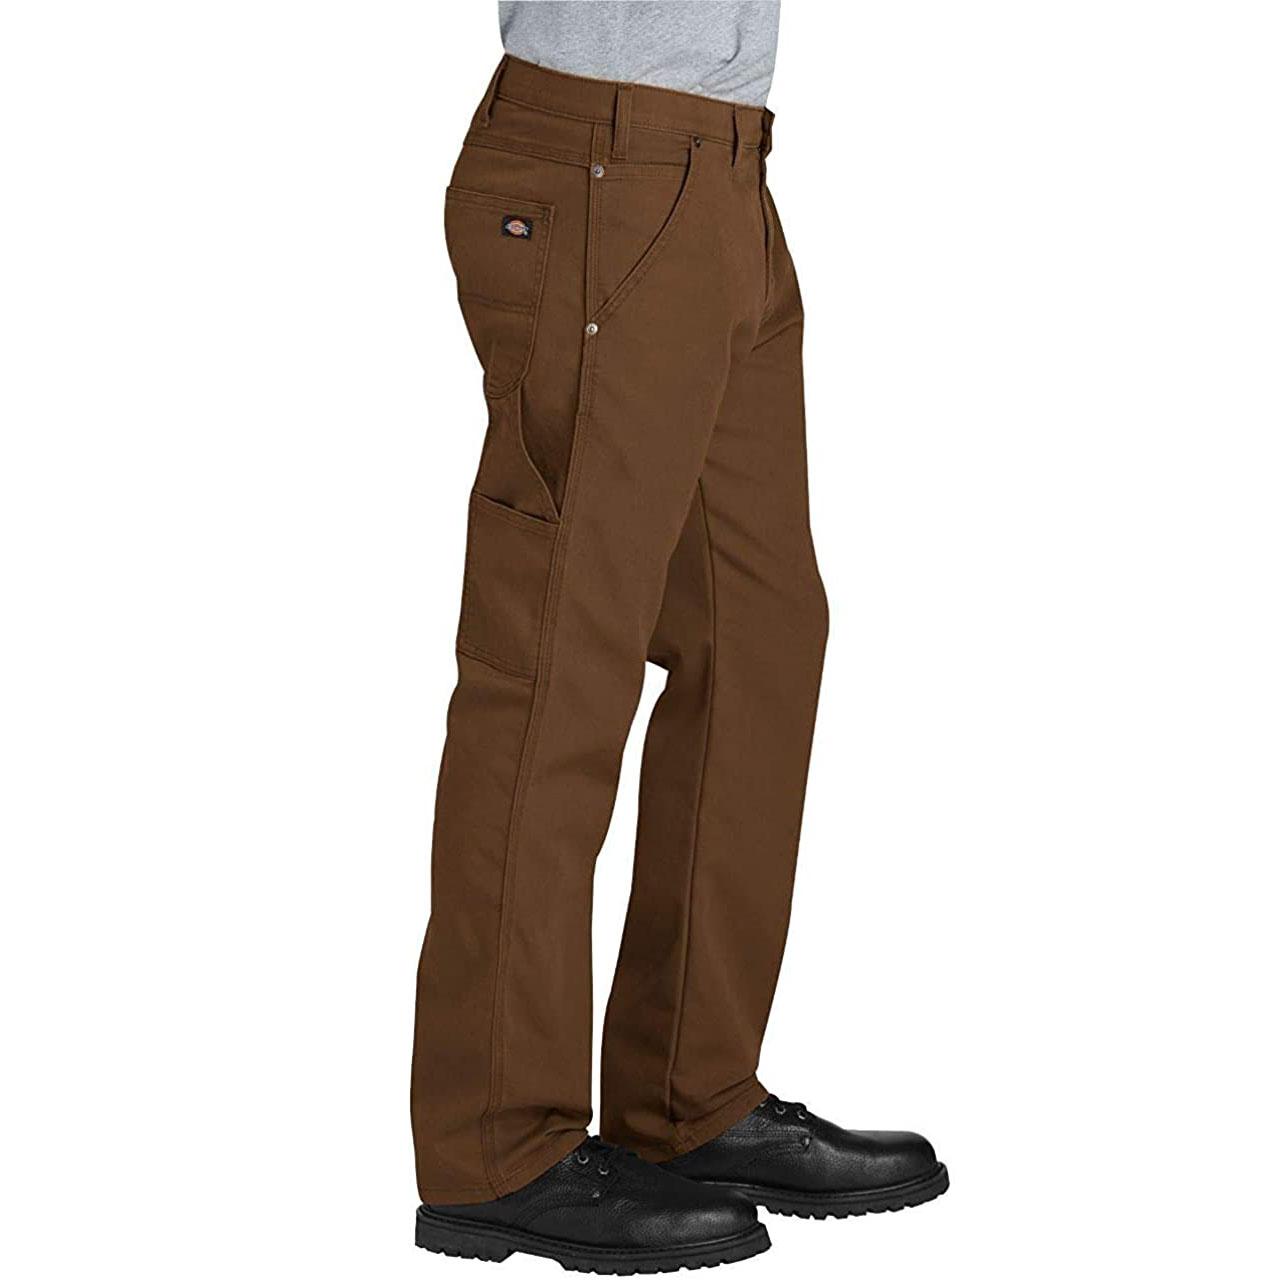 Dickies Tough Max Duck Carpenter Pant